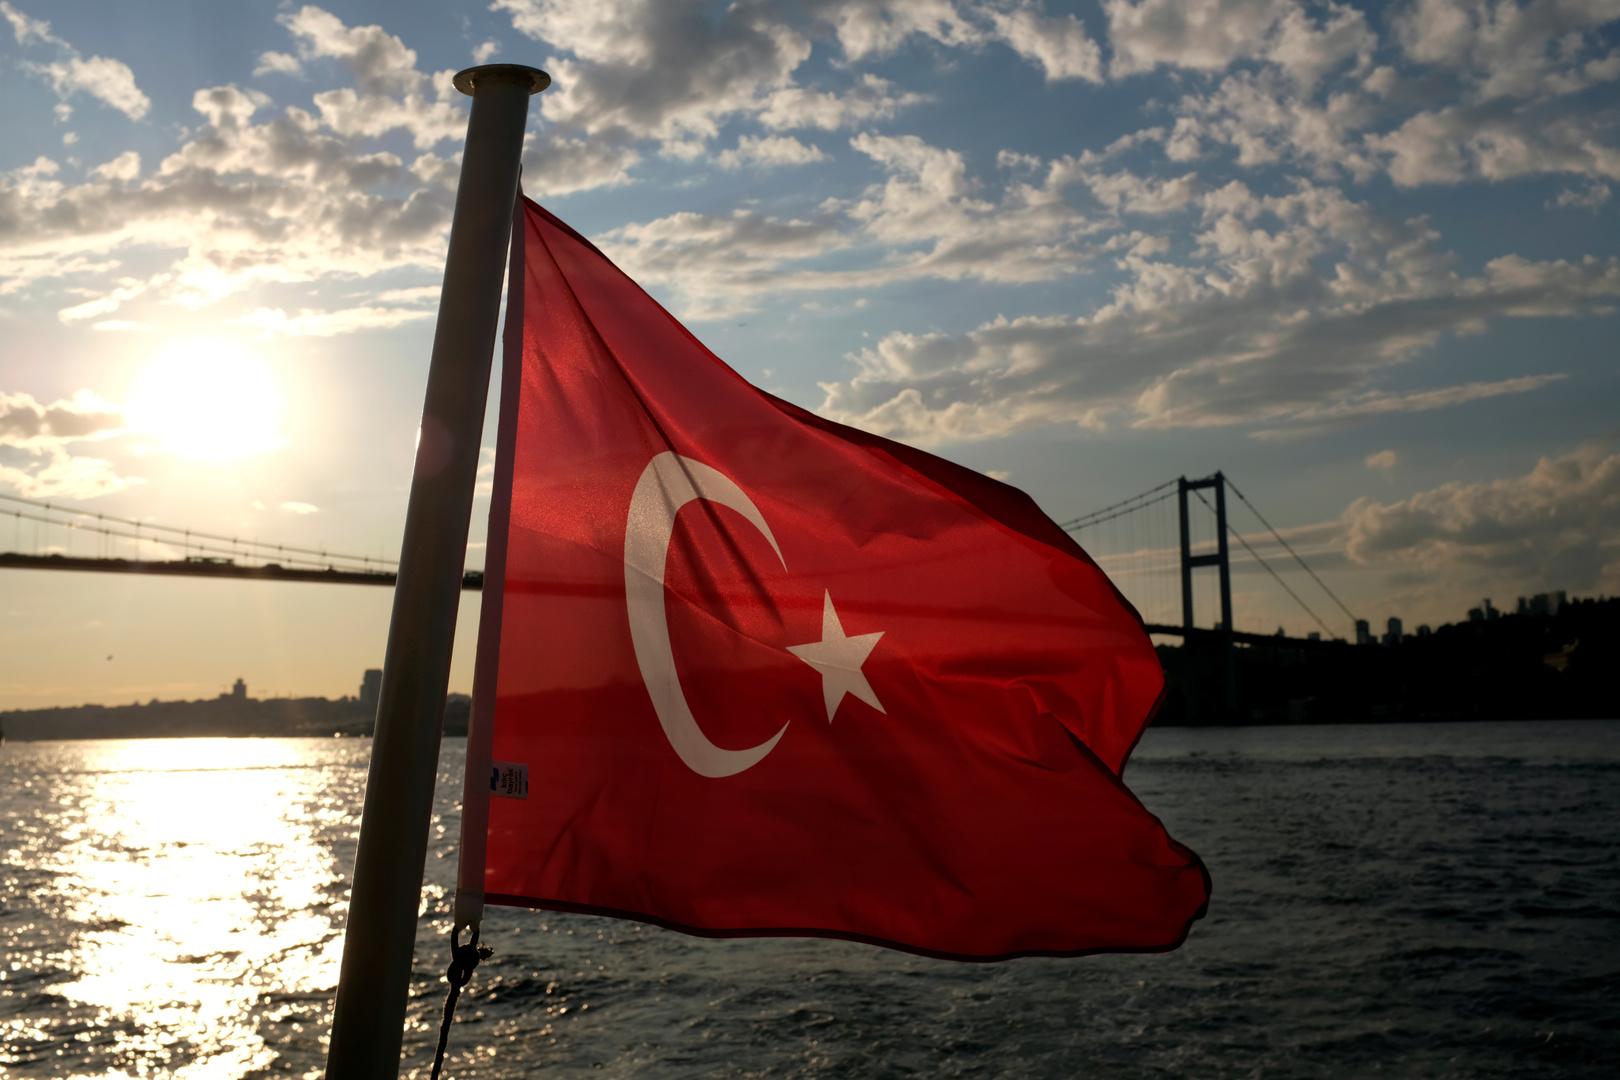 وزير الخارجية التركي السابق: من الممكن أن تغلق تركيا قاعدتها العسكرية في قطر